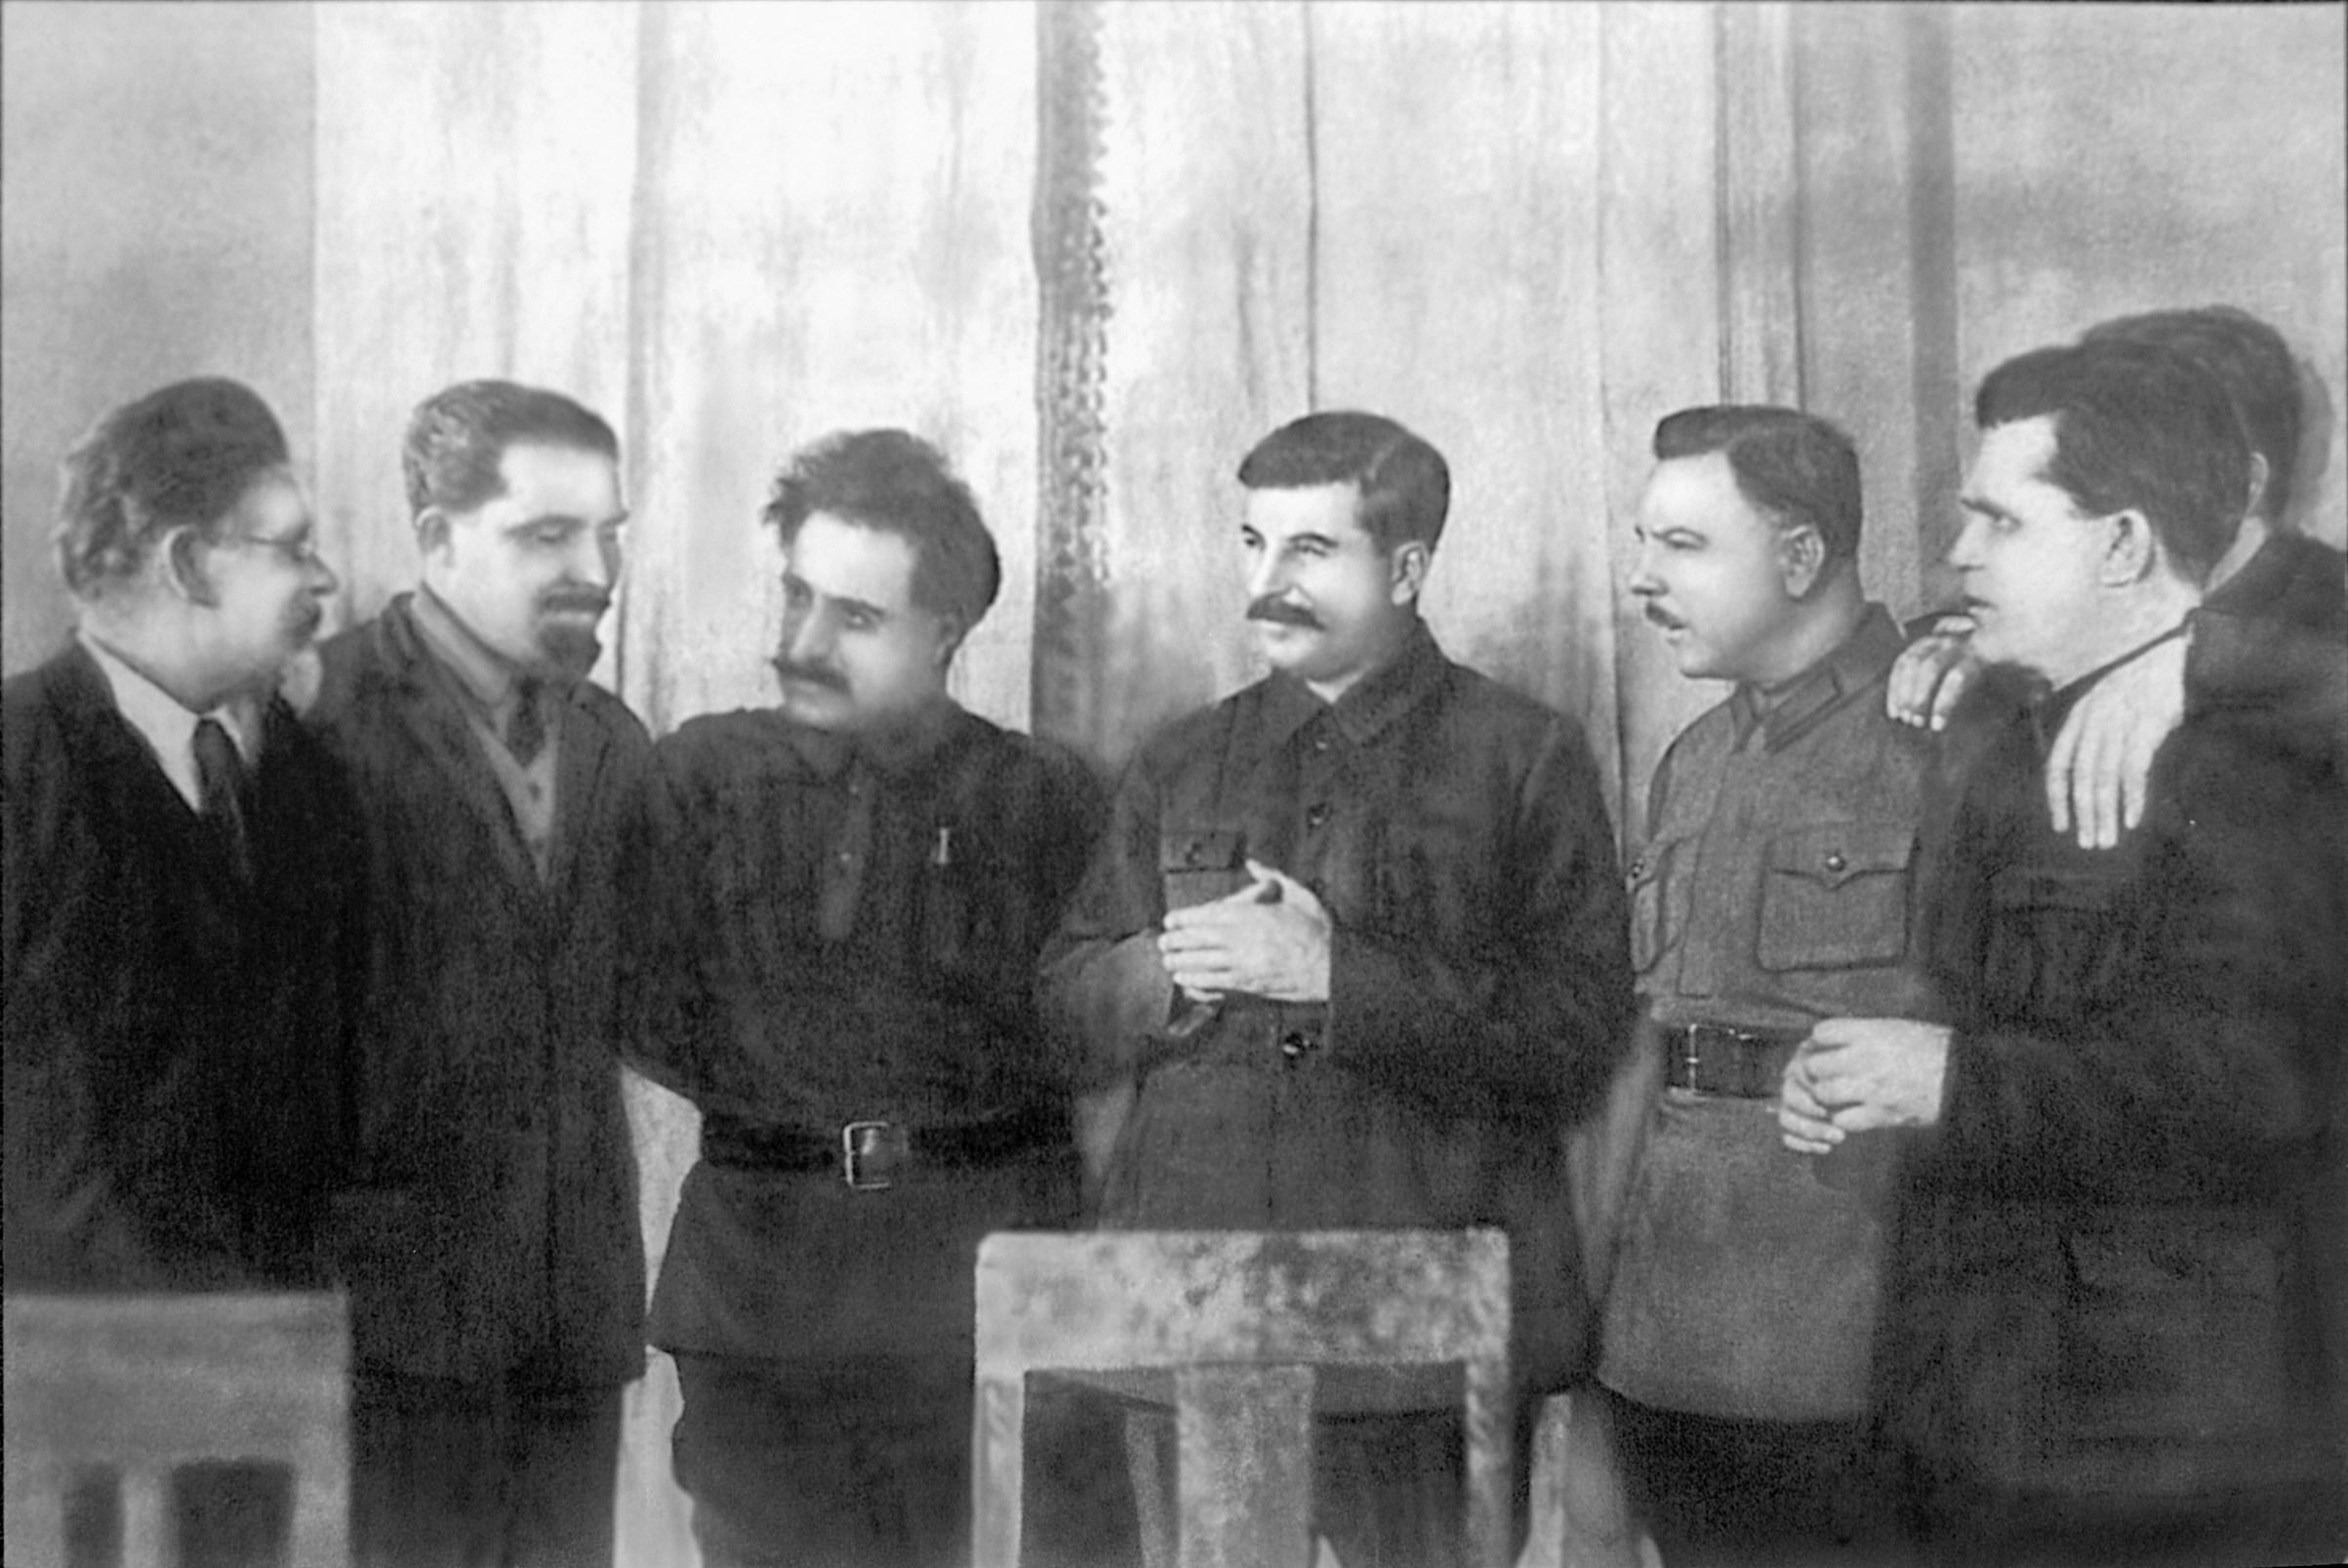 Sztáin születésnapja, balról: Kalinin, Kaganovics, Ordzsonikidze, Sztálin, Vorosilov, Molotov, Kirov / Forrás: Wikipedia.org